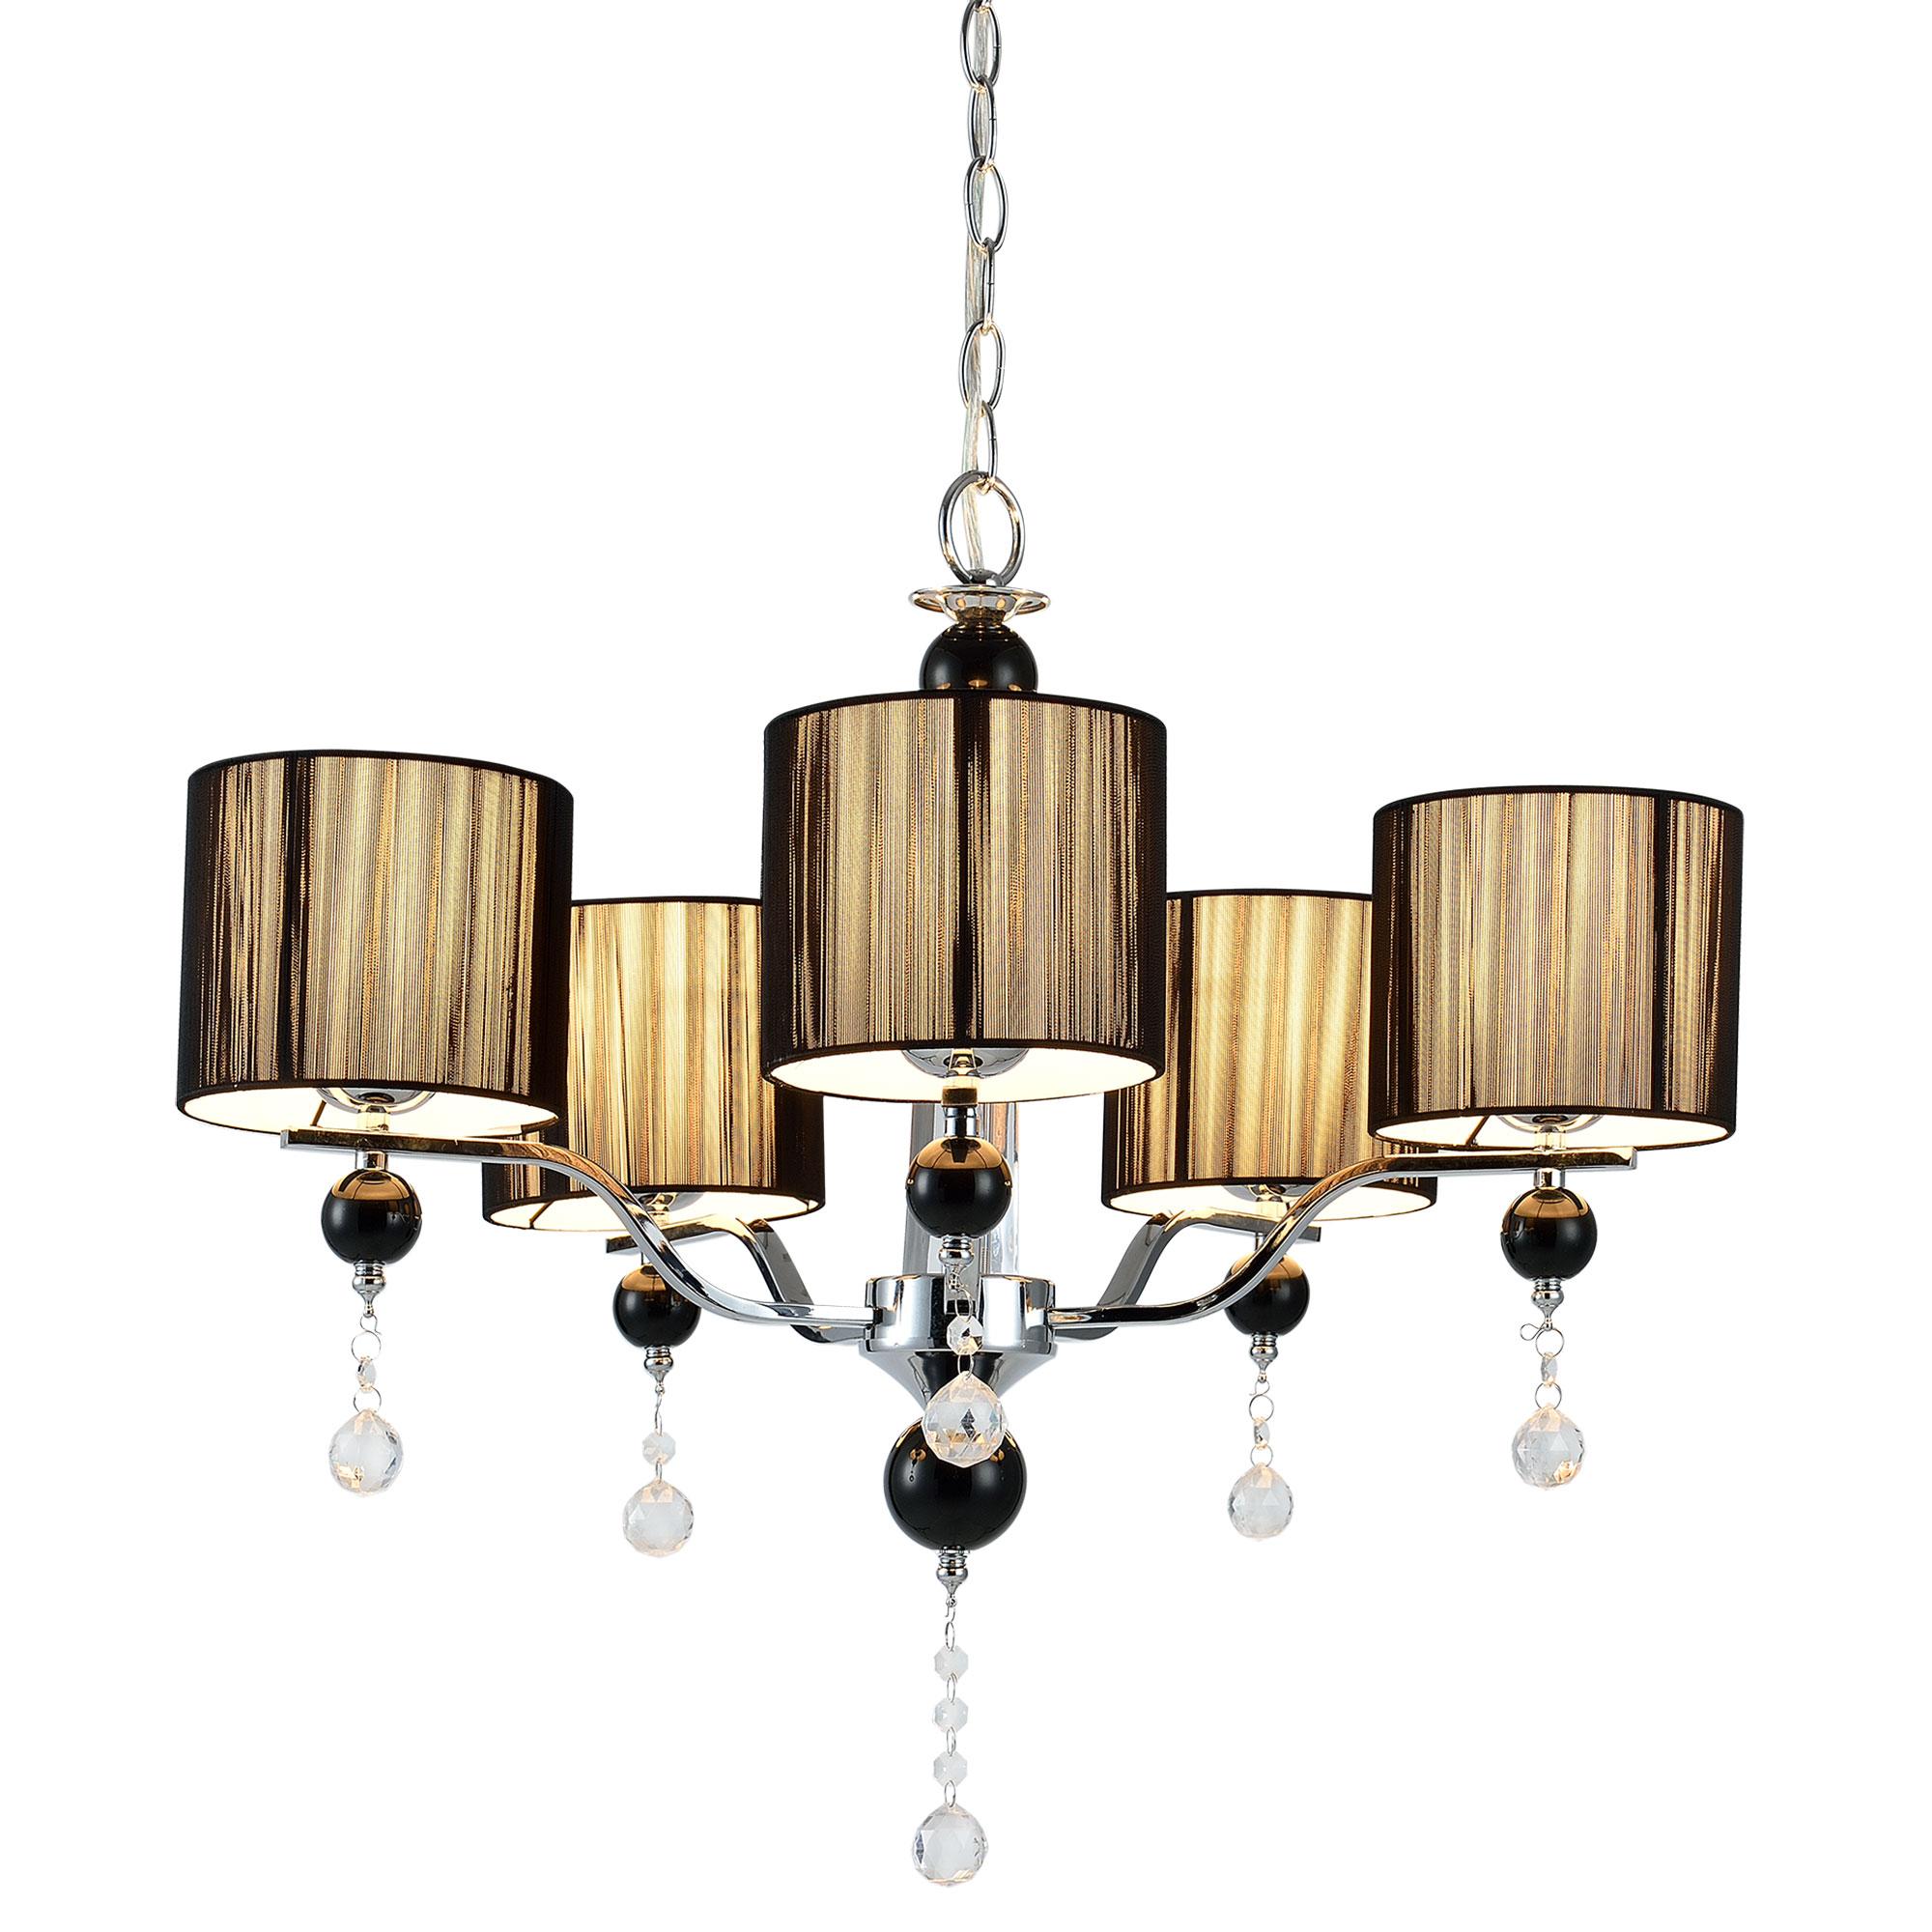 Kristall deckenleuchte 38x38cm deckenlampe for Kristall lampe